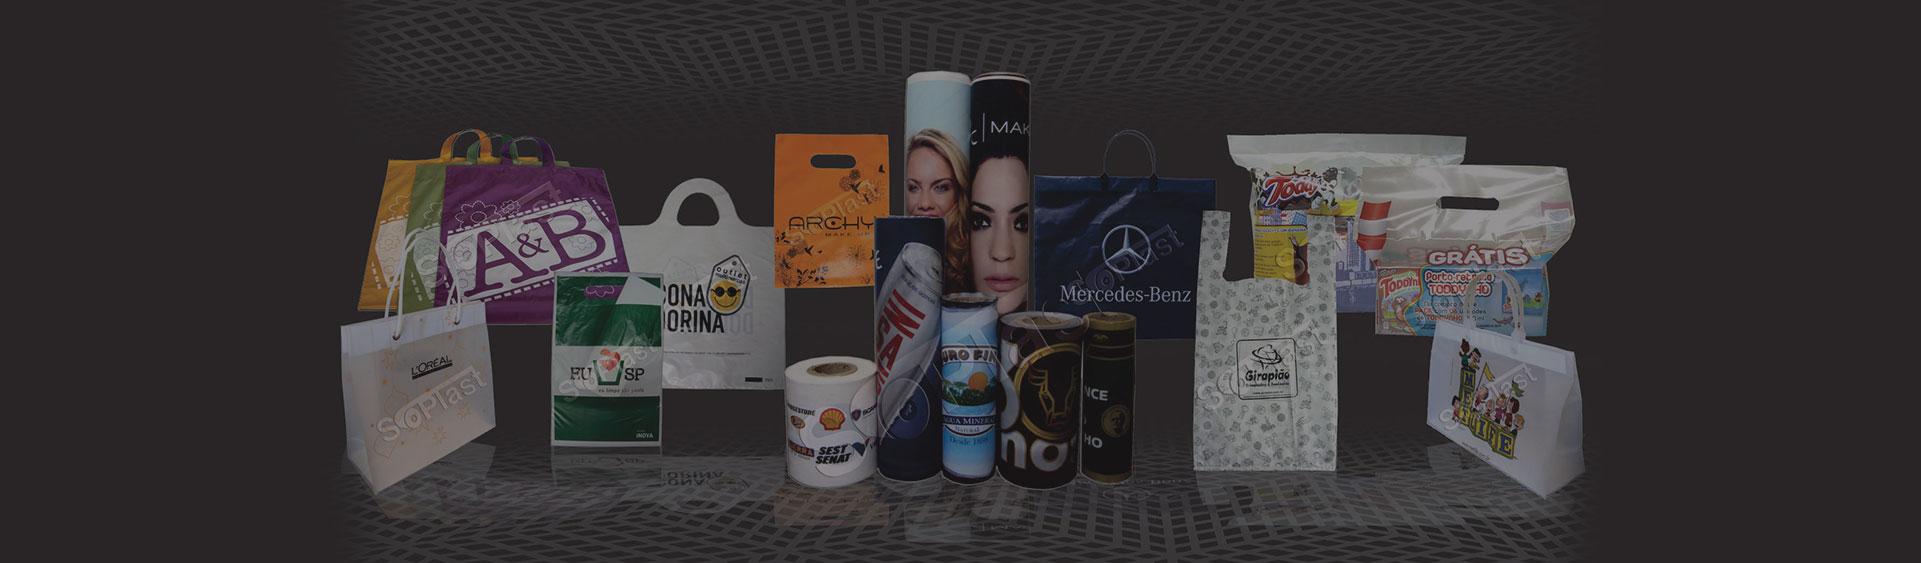 Sacolas e embalagens personalizadas com sua logomarca